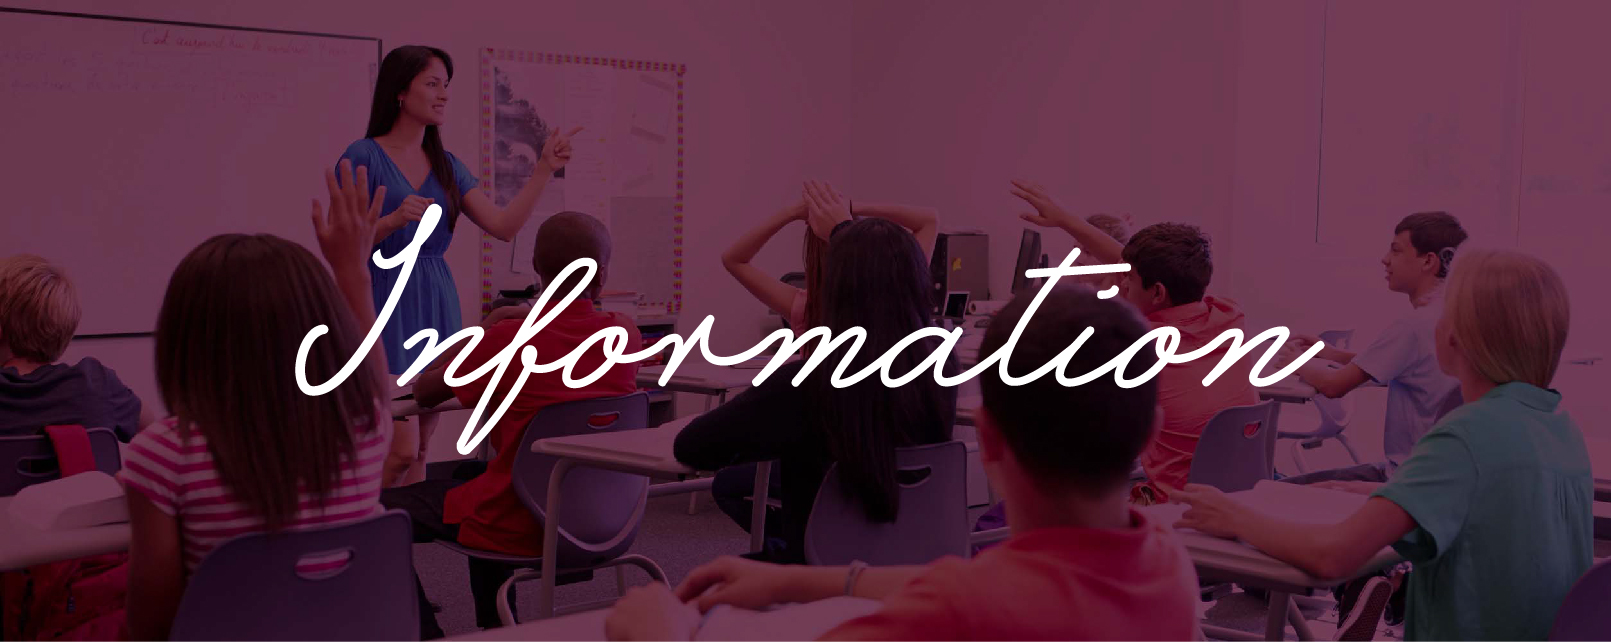 Information-Horizon pour elle